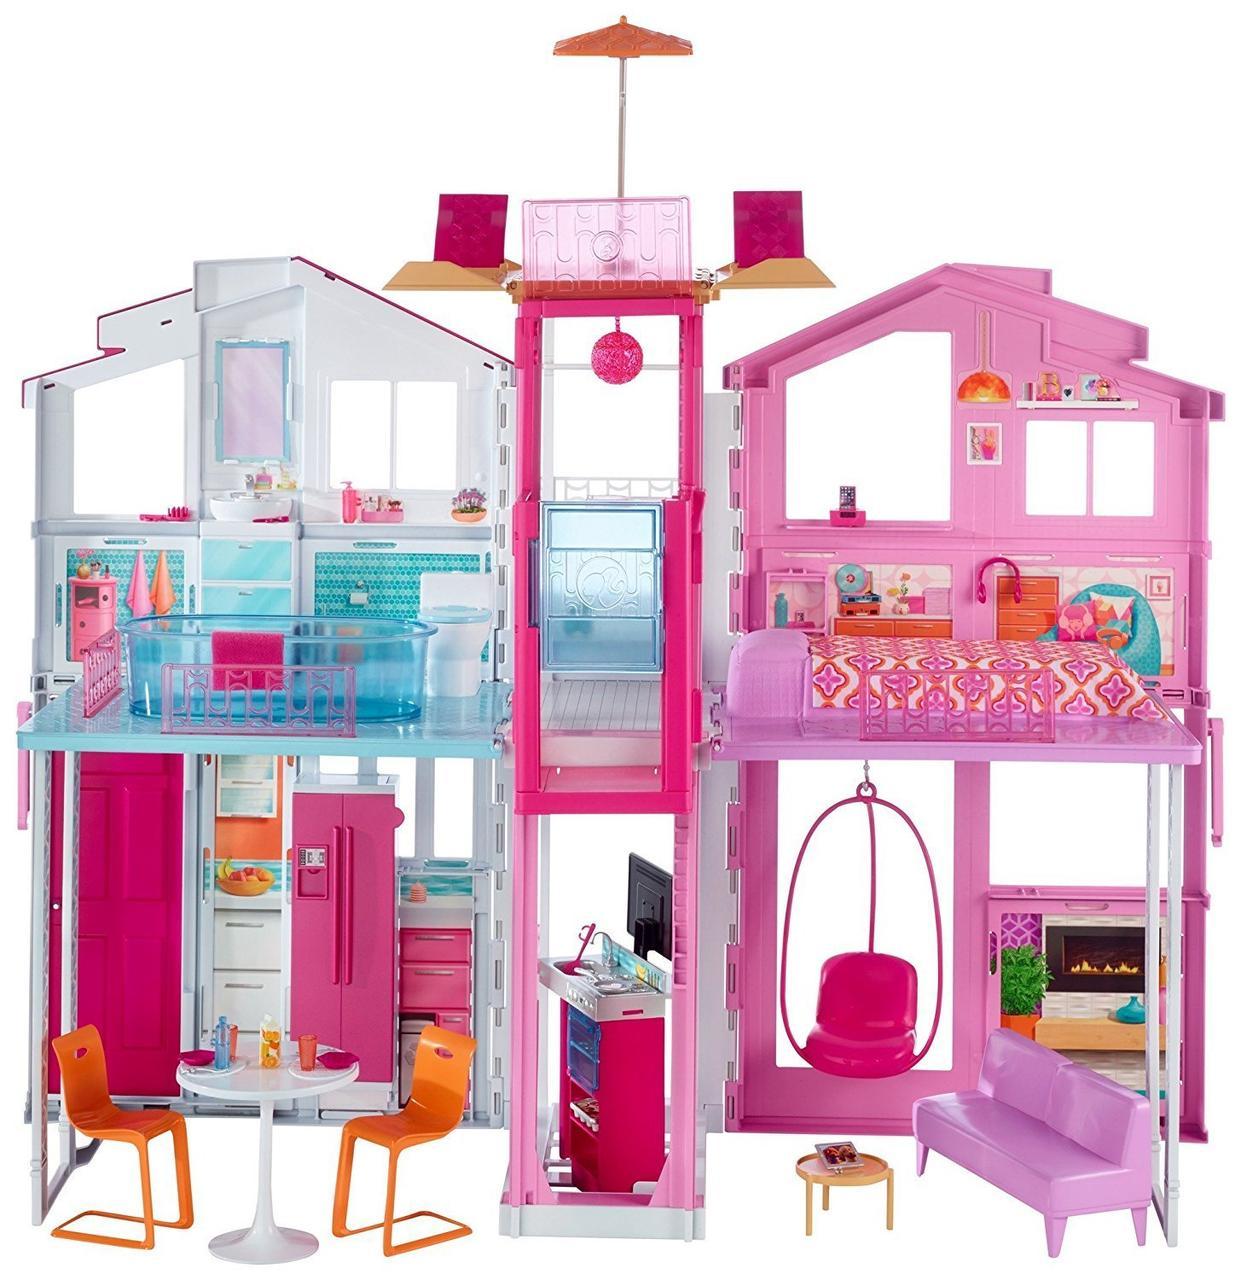 Городской дом Барби Малибу DLY32